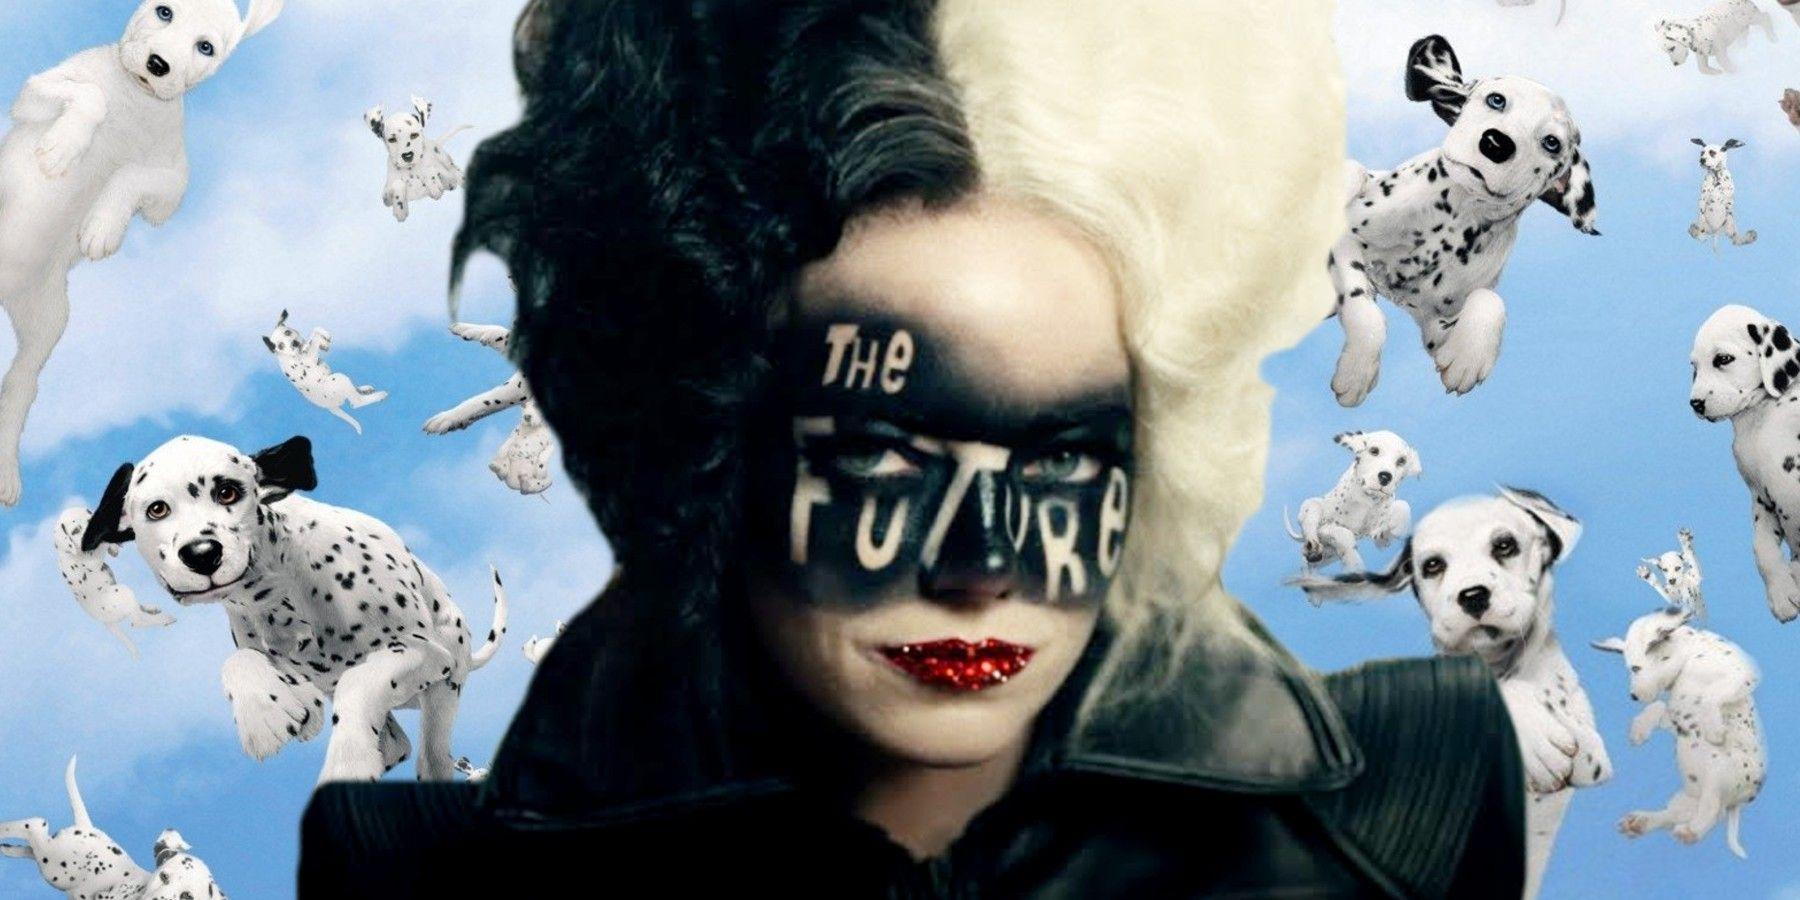 Cruella 2: Release Date, Story, Cast   Screen Rant